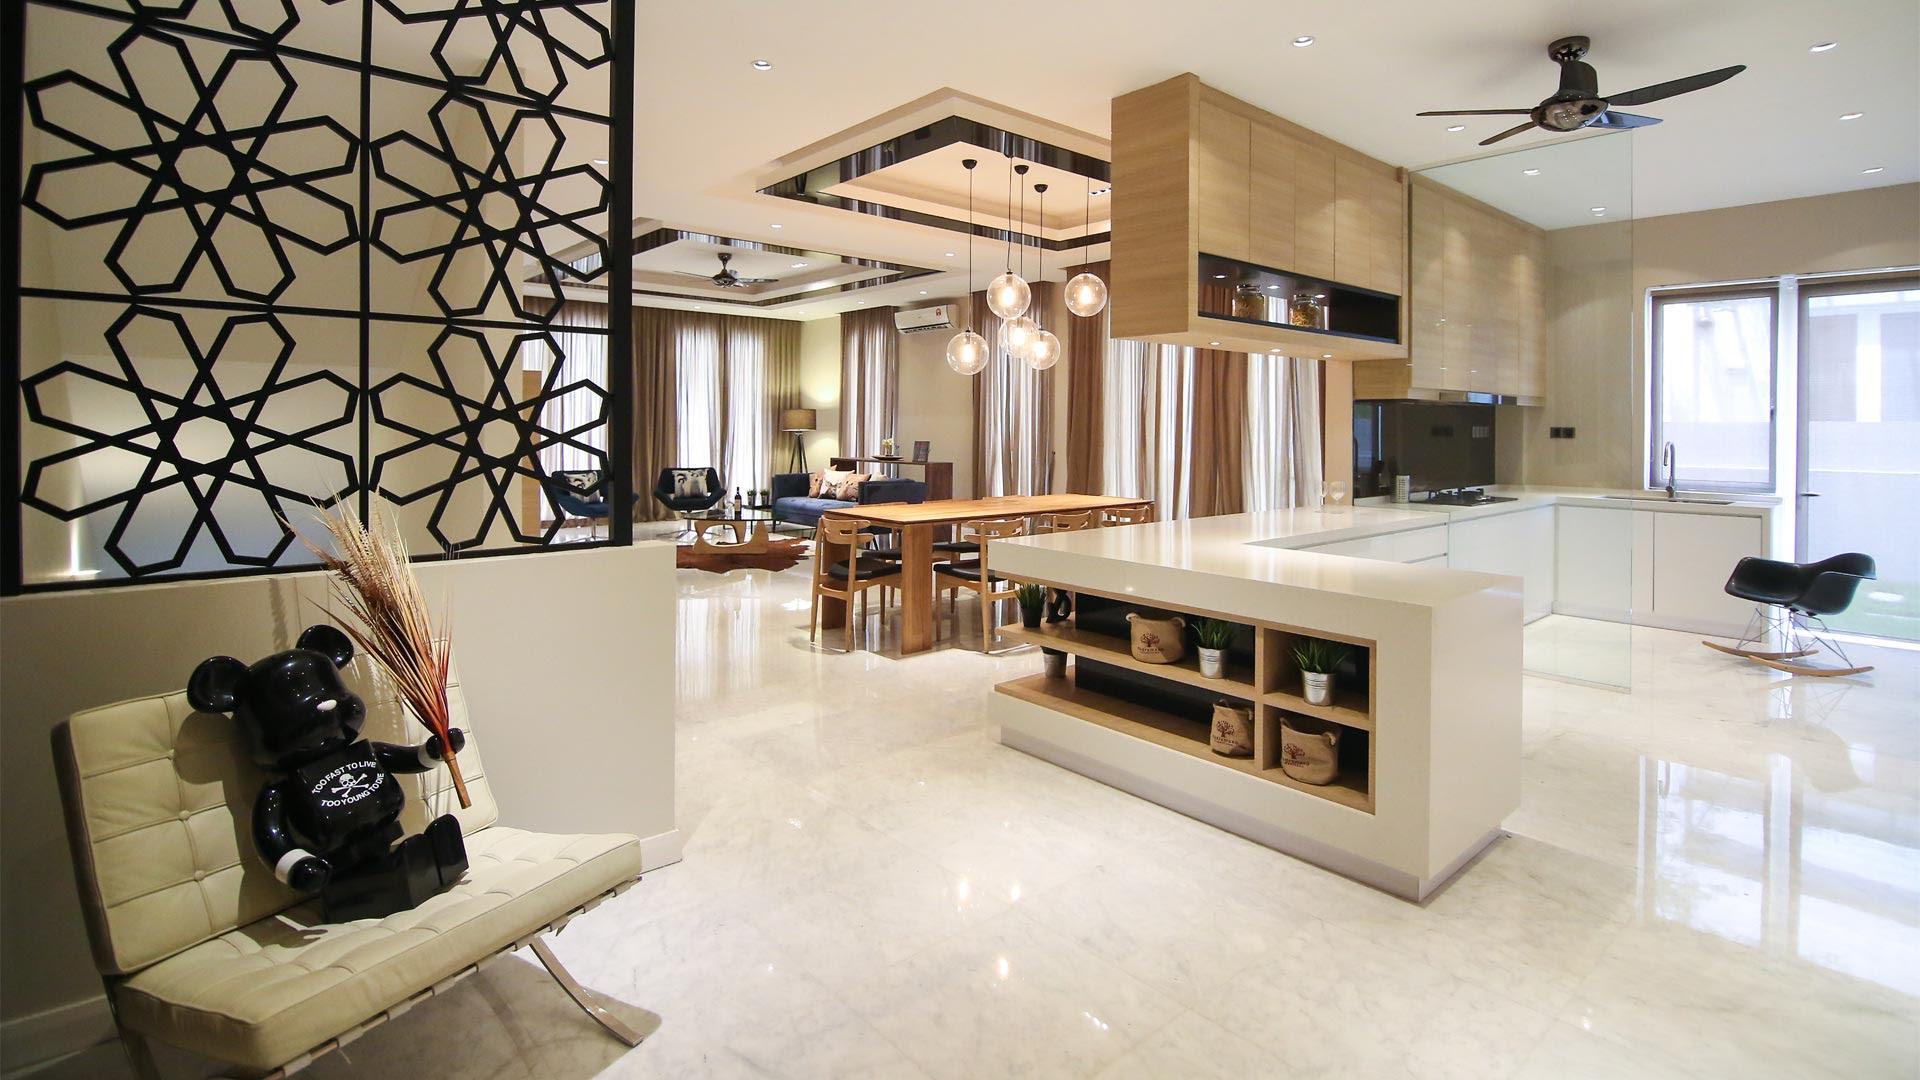 Best Home Interior Design Photos Home Design Inpirations